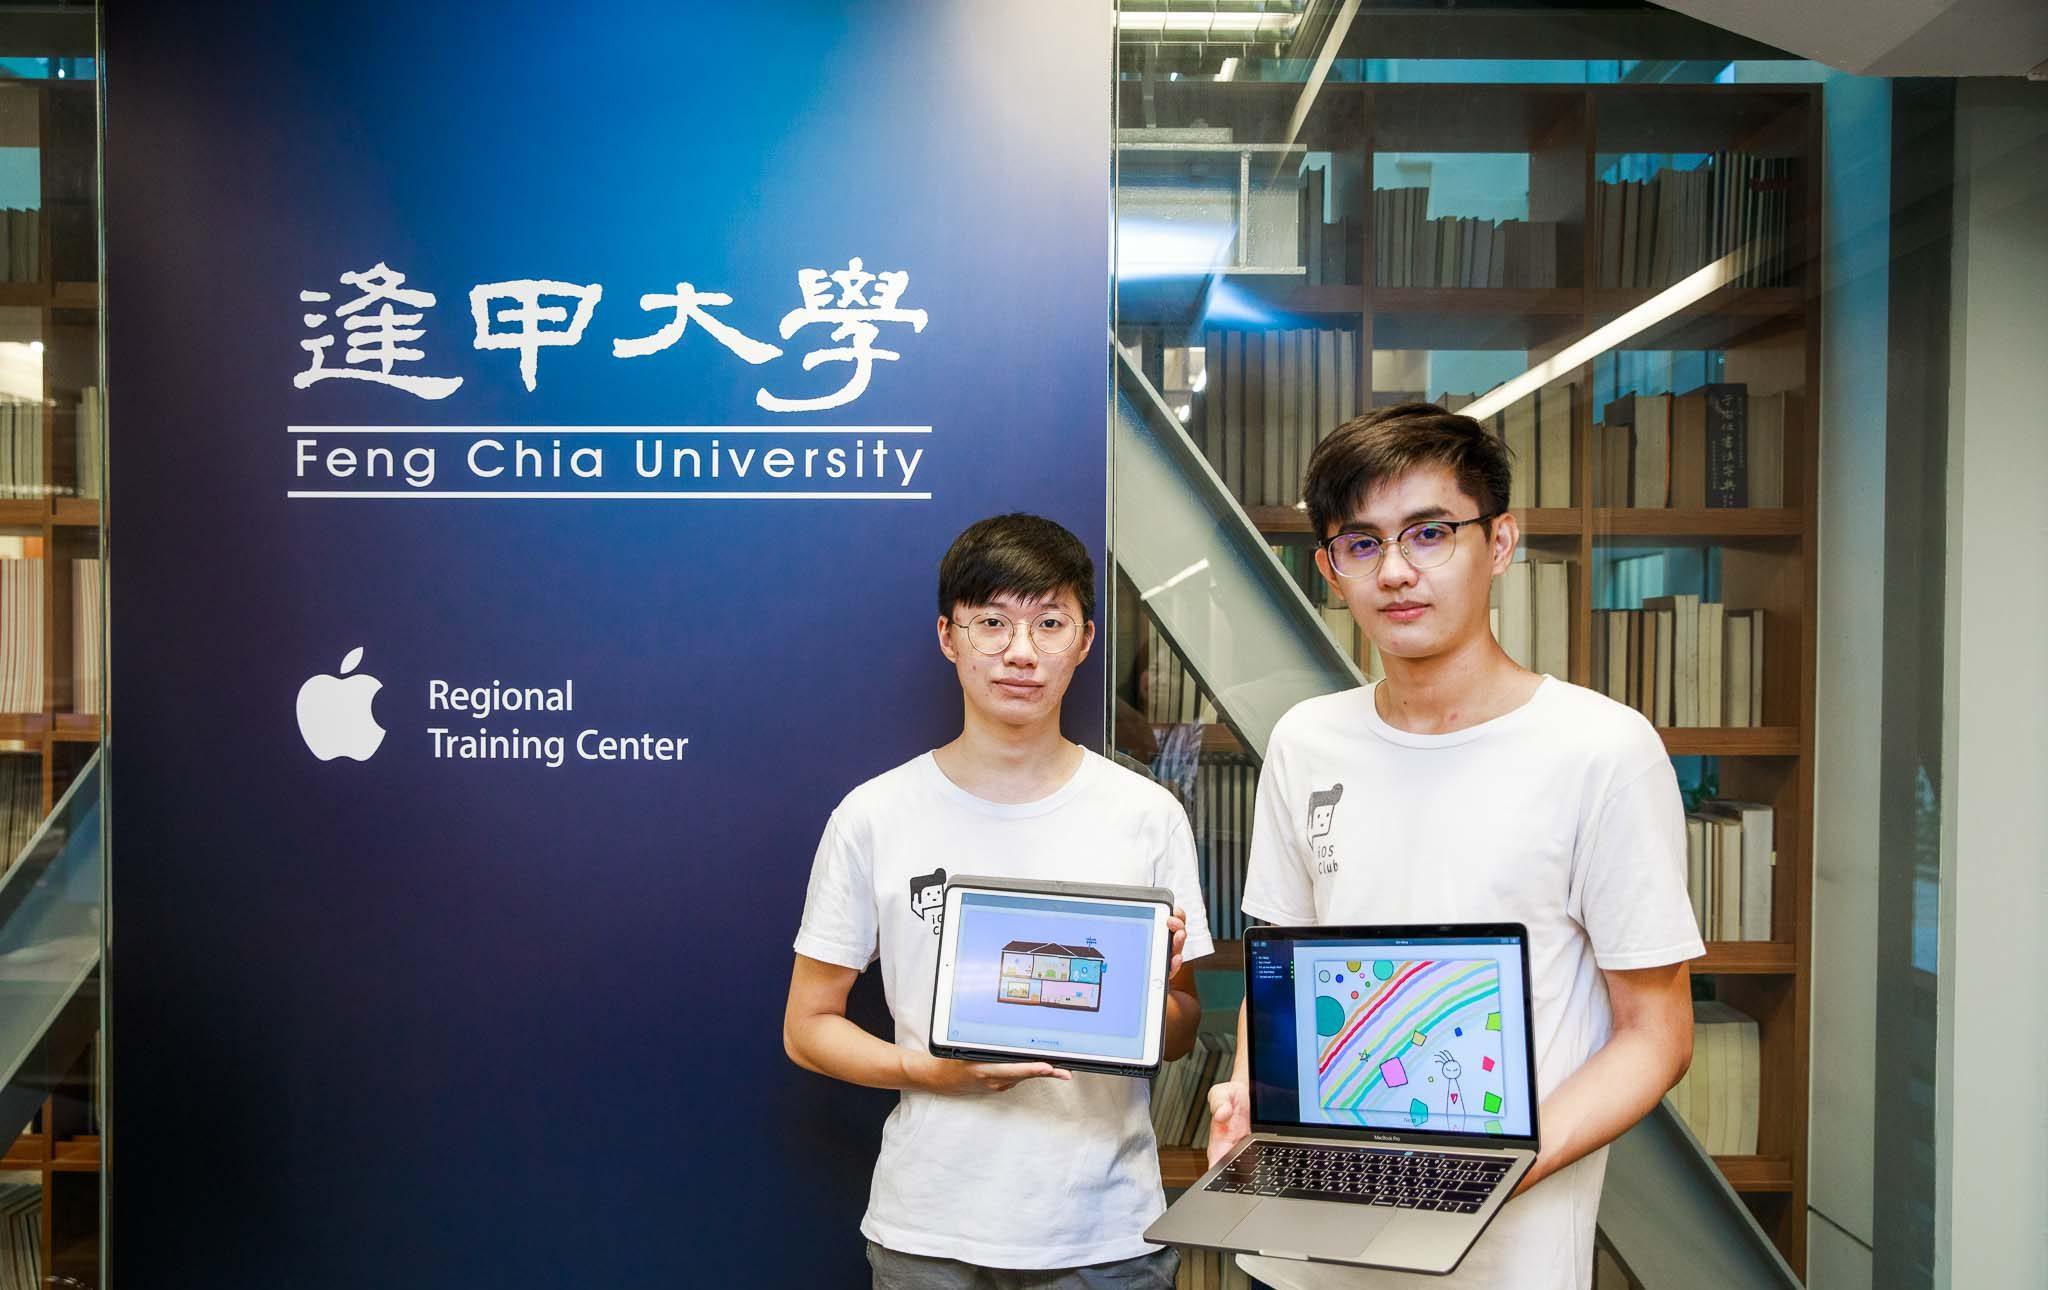 美國蘋果公司年度全球開發者大會 ( Apple Worldwide Developers Conference, WWDC )首度舉辦程式語言競賽「Swift Student Challenge」,全球350位得獎者中,逢甲資工系大四劉祐炘與大二薛竣祐同學是台灣唯二獲獎者。